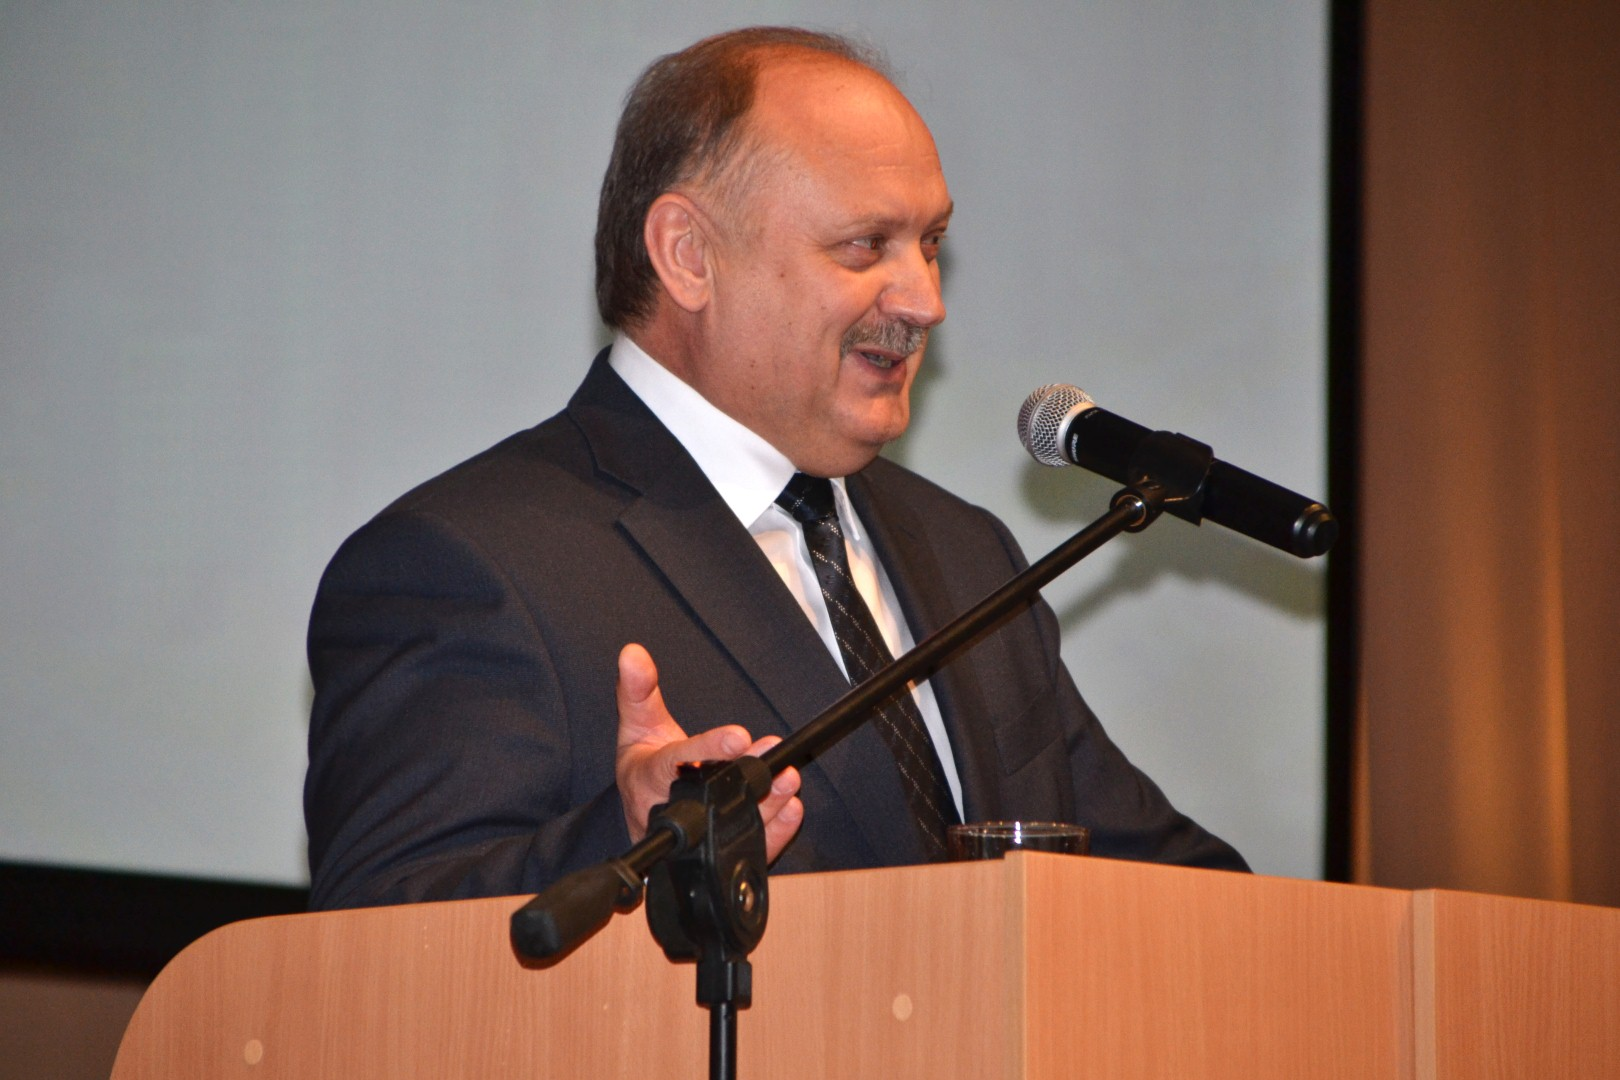 Вице-губернатор Бондаренко